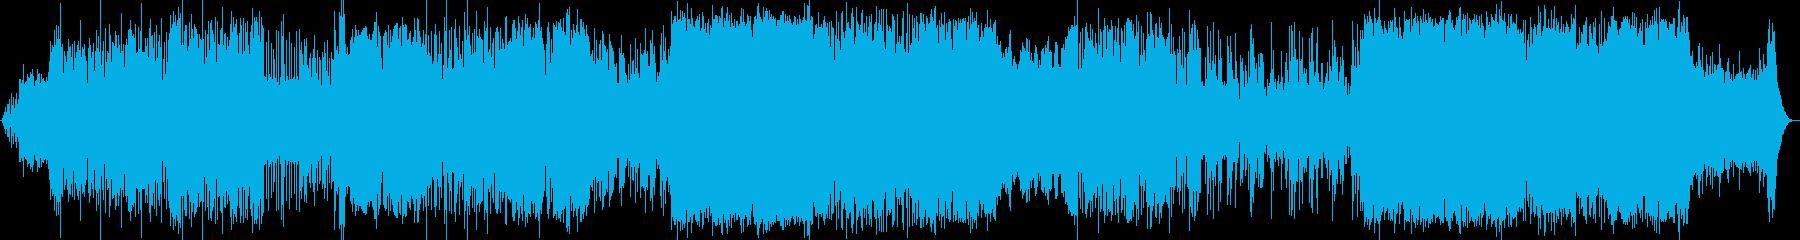 シンセサイザーをバックにバイオリン/サ…の再生済みの波形